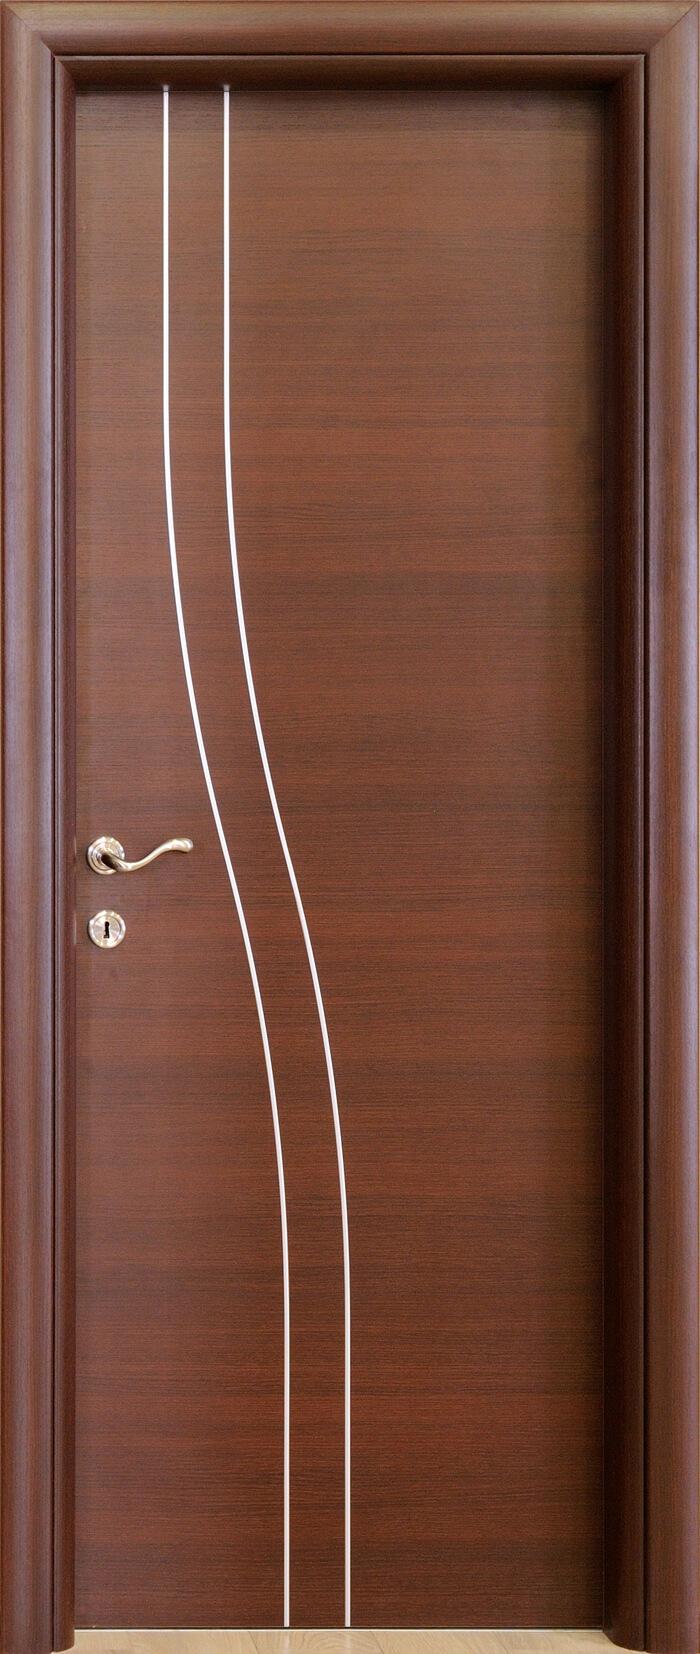 דלתות אורן-דלתות פנים נדירות צומת בילו